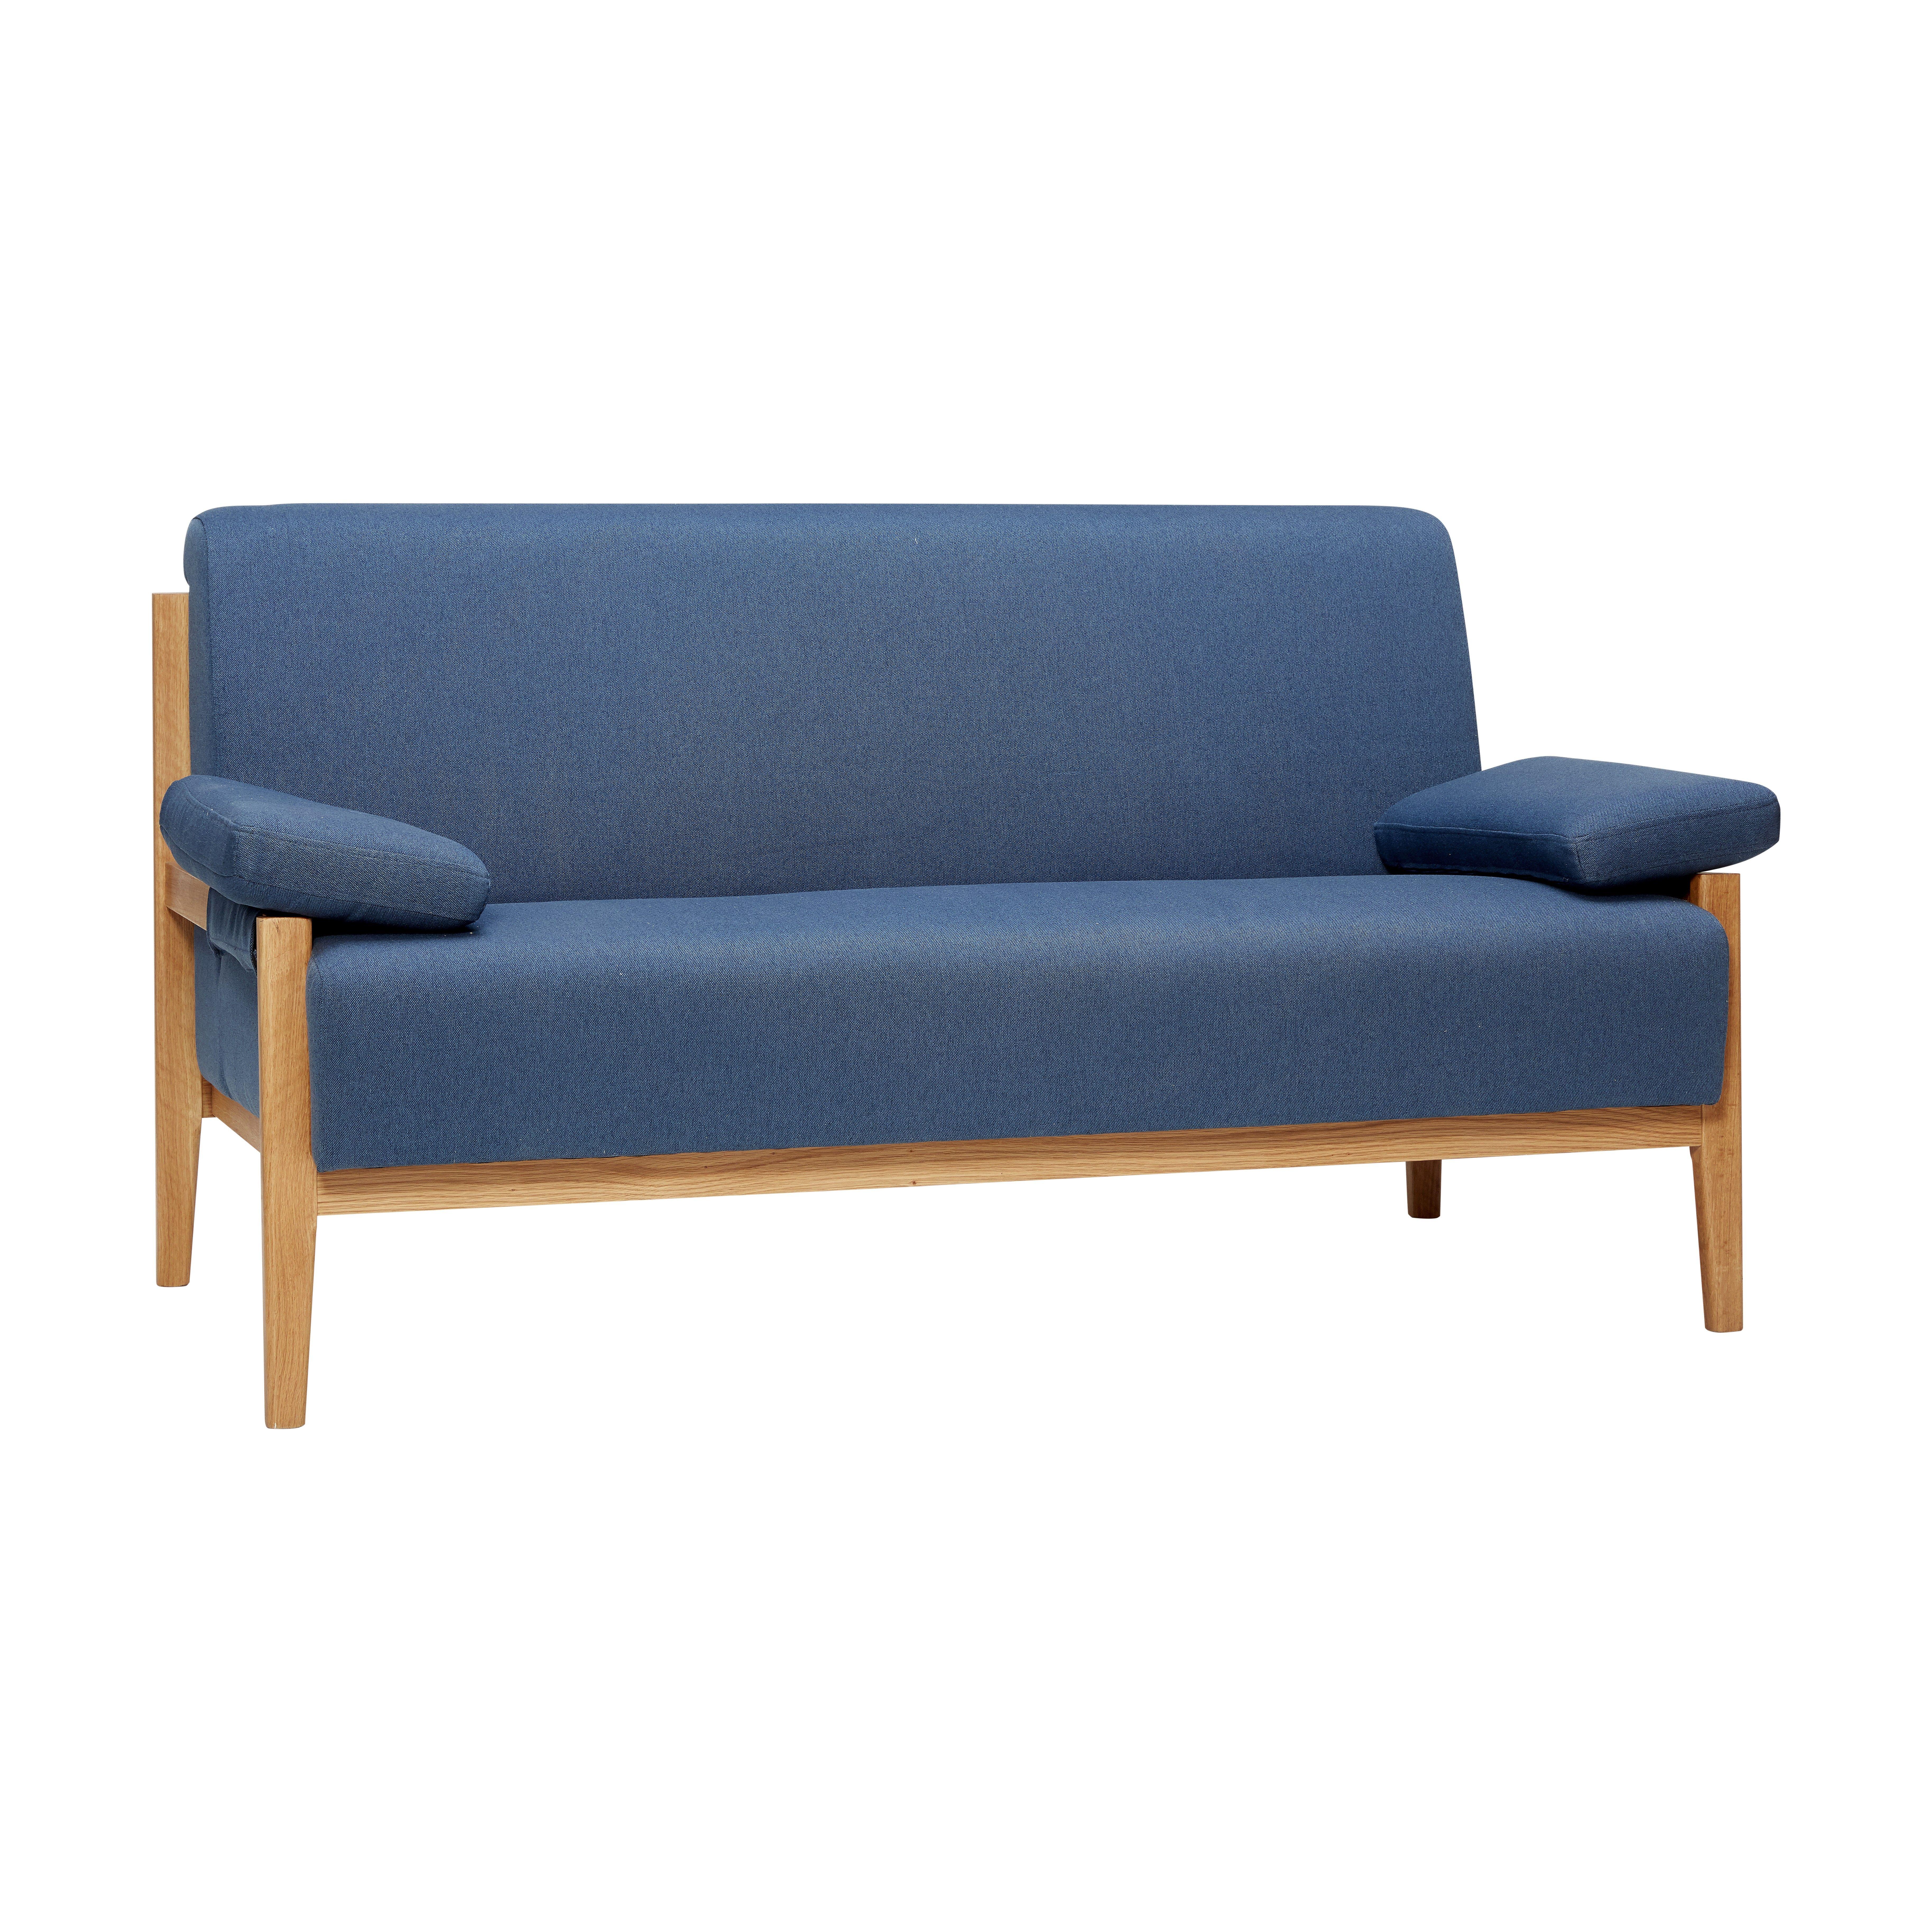 2 Sitzer Sofa mit Eichengestell